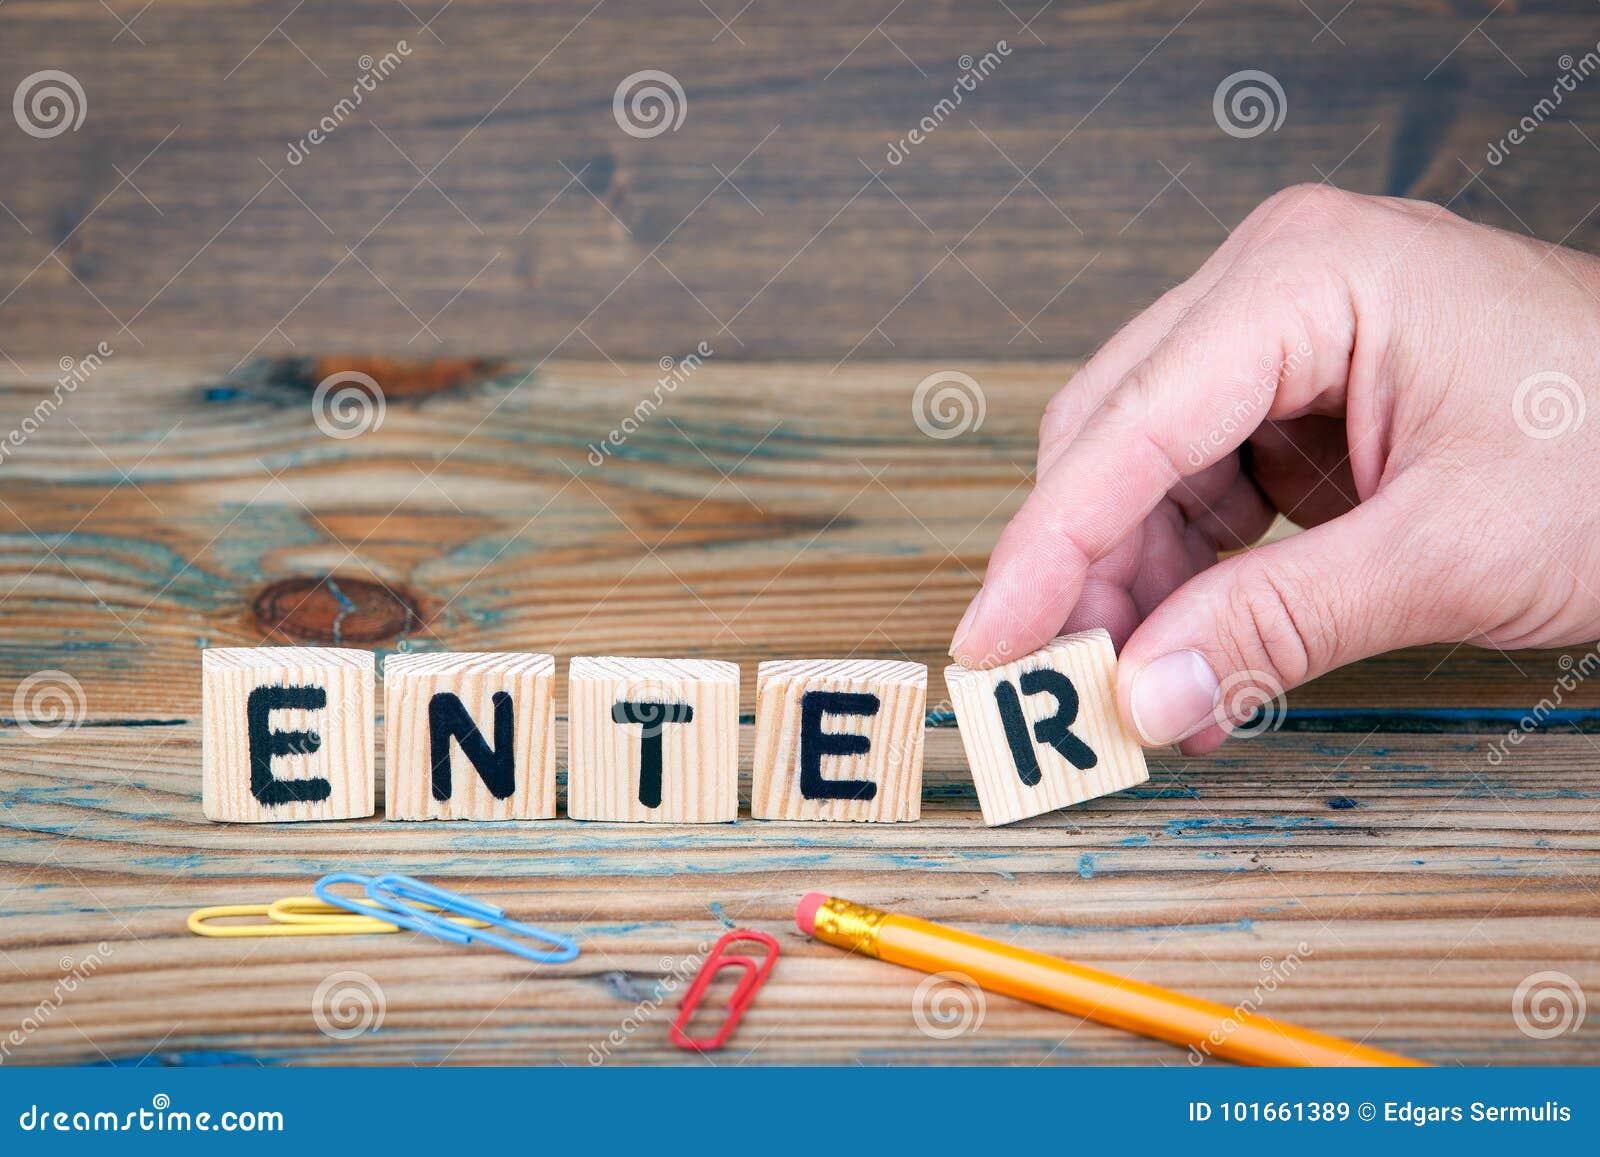 Enter Träbokstäver på kontorsskrivbordet Affärs- och kommunikationsbakgrund